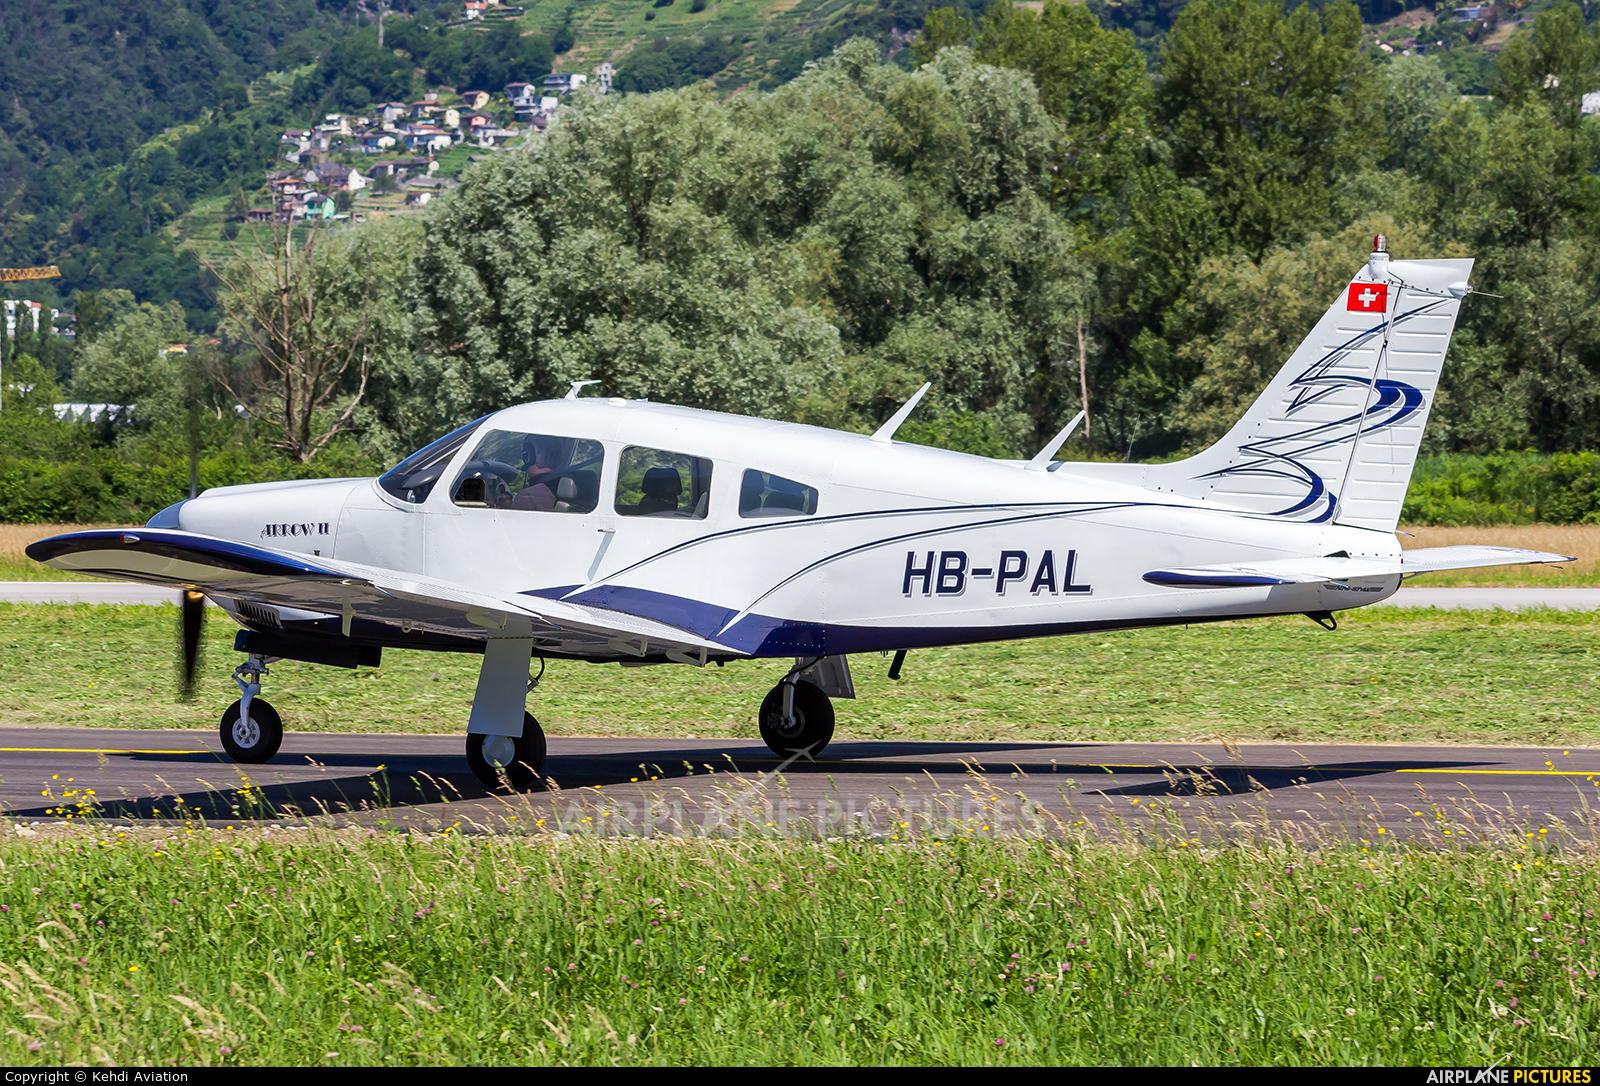 Private HB-PAL aircraft at Locarno